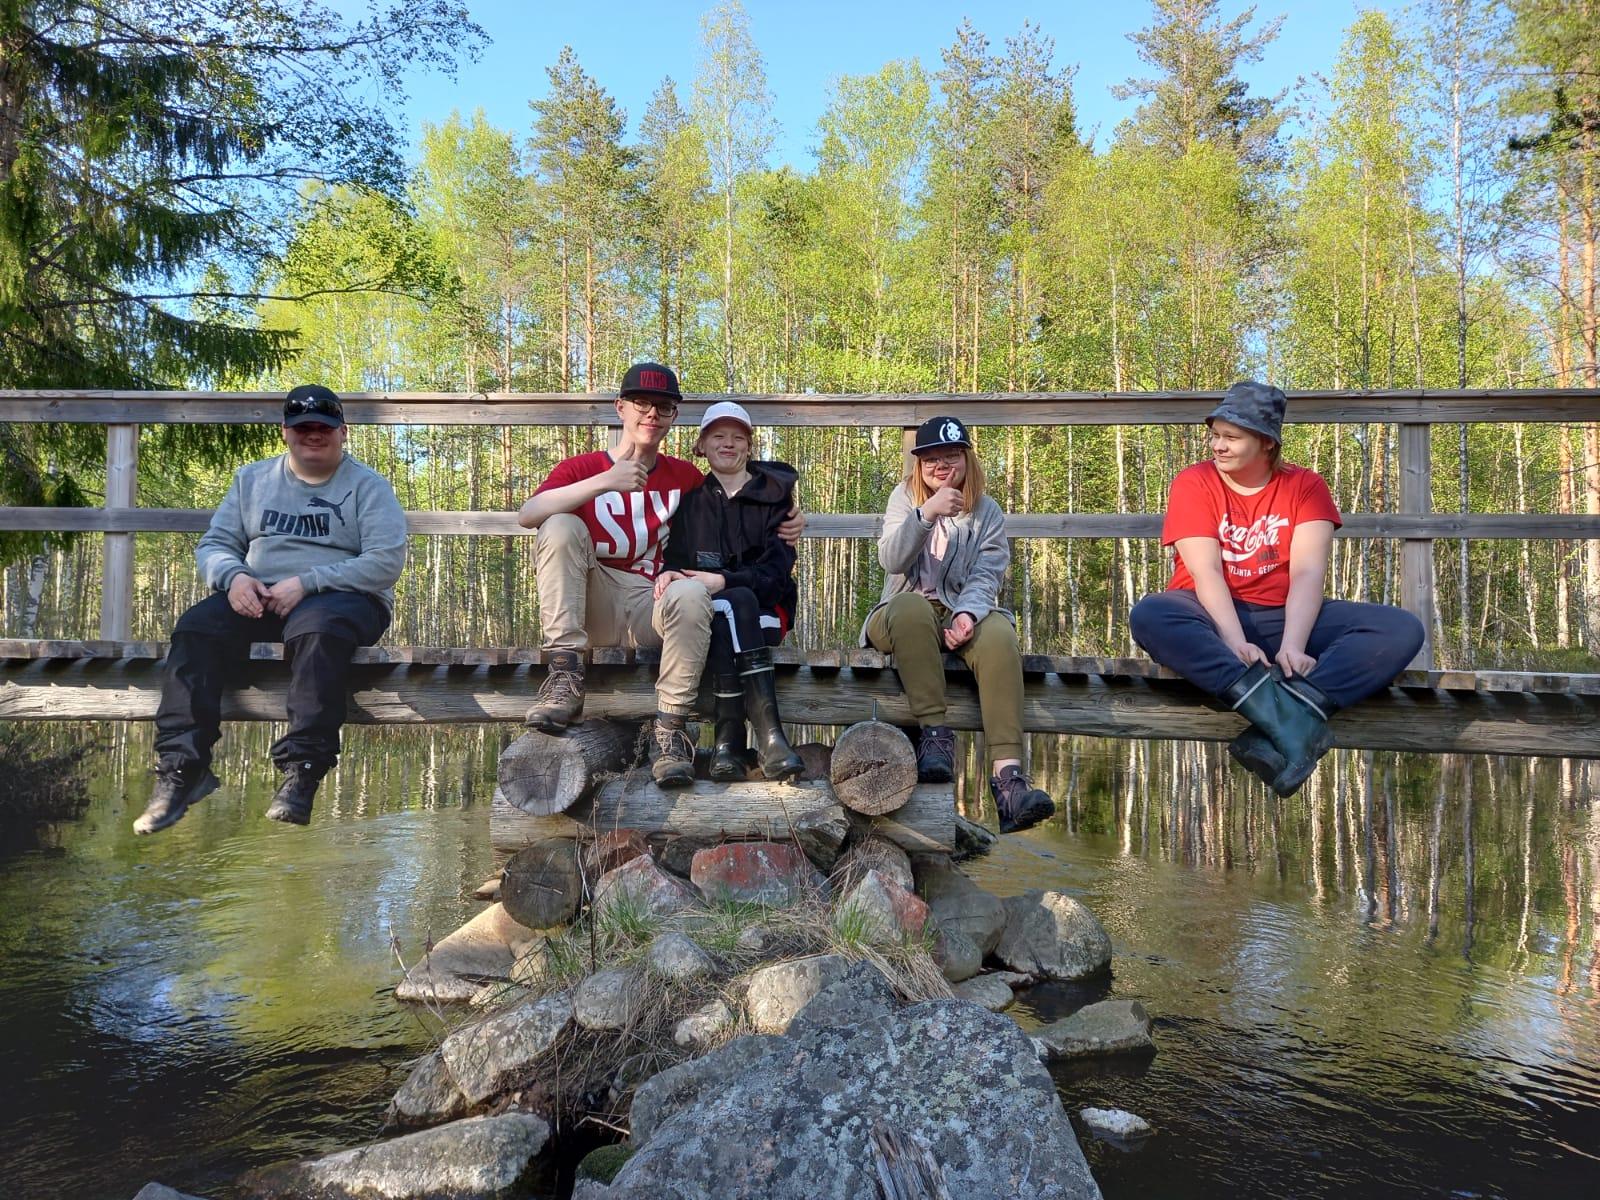 Viisi nuorta istumassa joen ylittävän sillan päällä